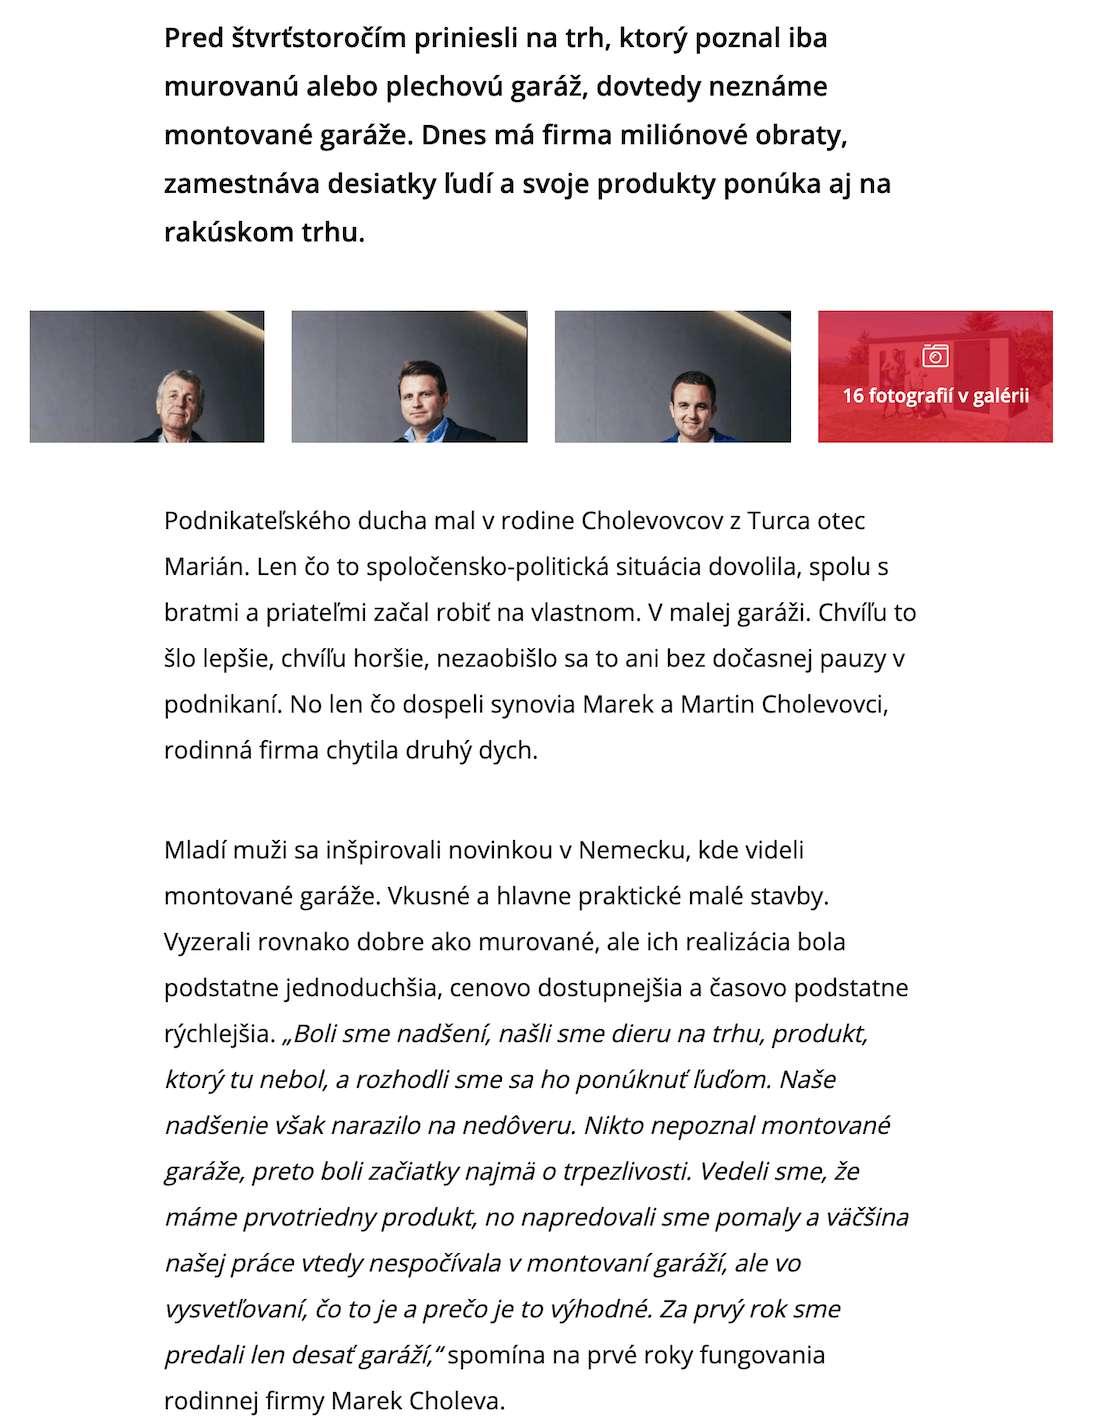 Článok na pluska.sk